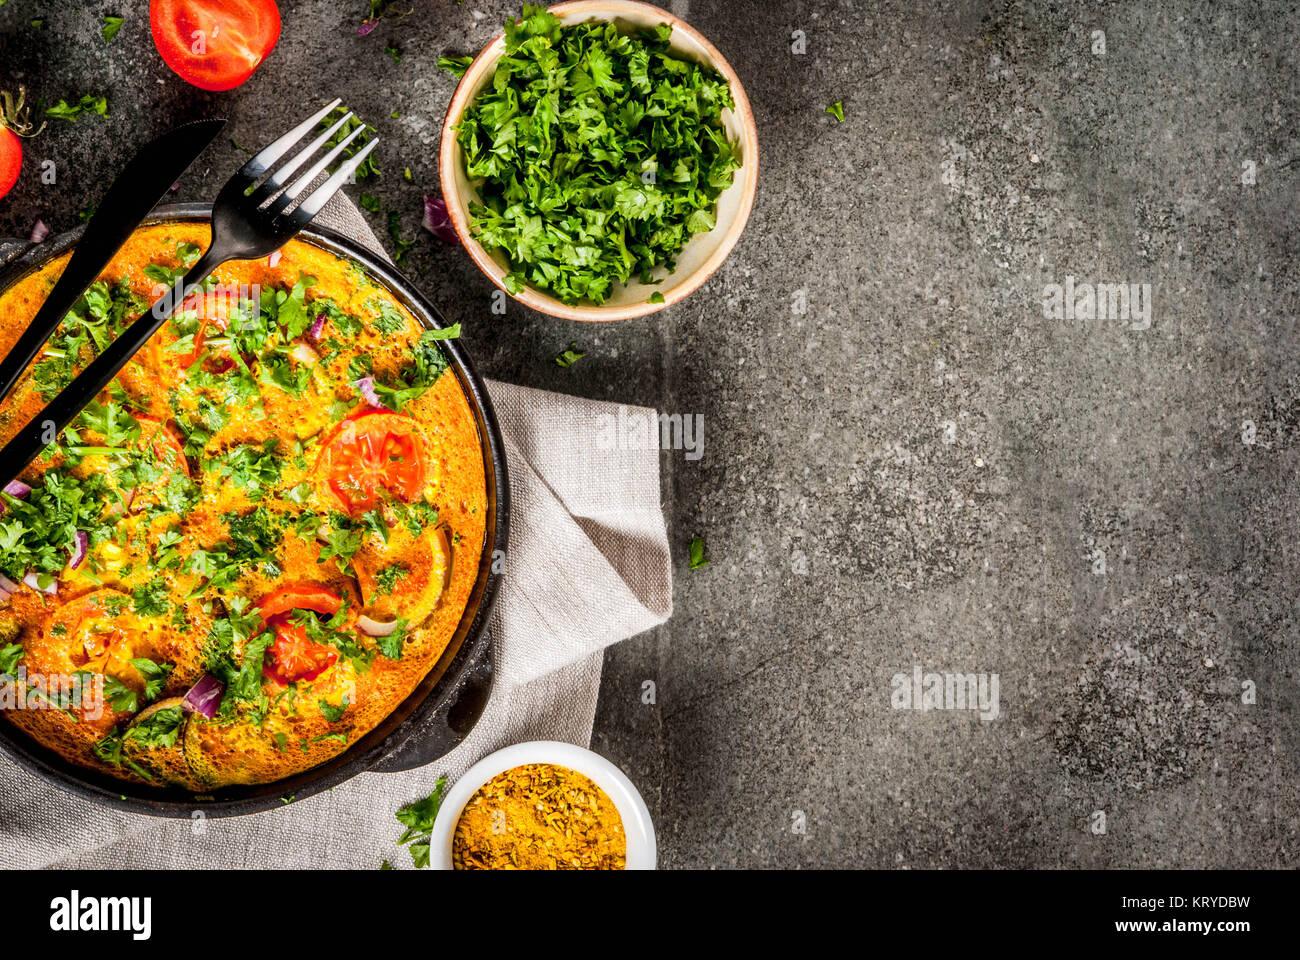 Indische Küche Rezepte, Masala Omelett mit frischem Gemüse - Tomate ...